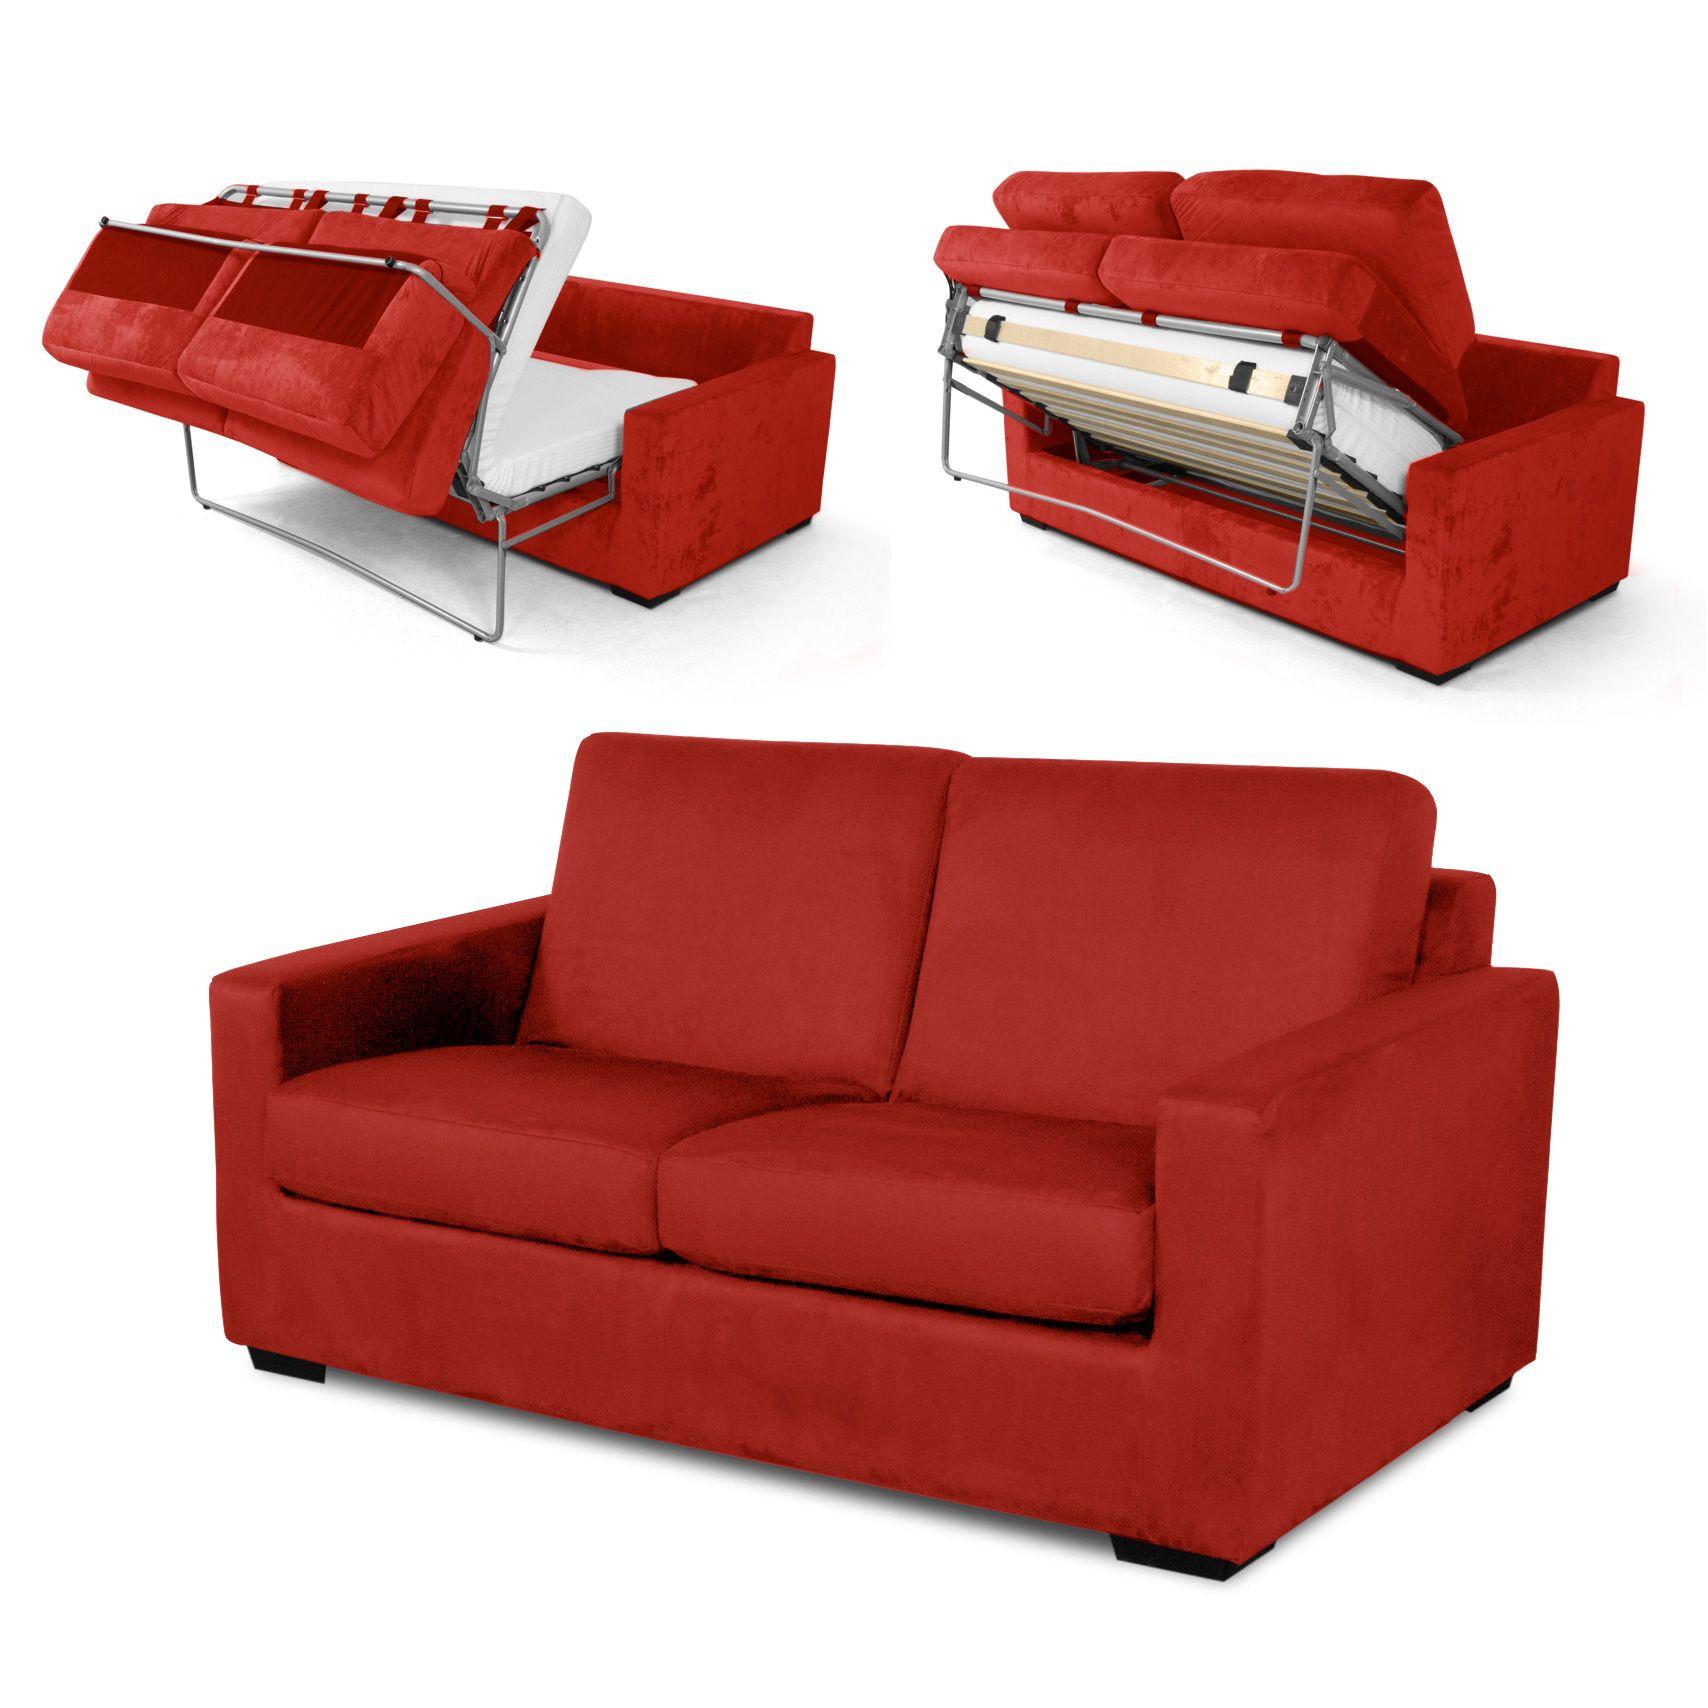 Pouf Convertible Lit 2 Places Chauffeuse Lit 2 Places Lit 2 ... intérieur Canape Conforama Convertible